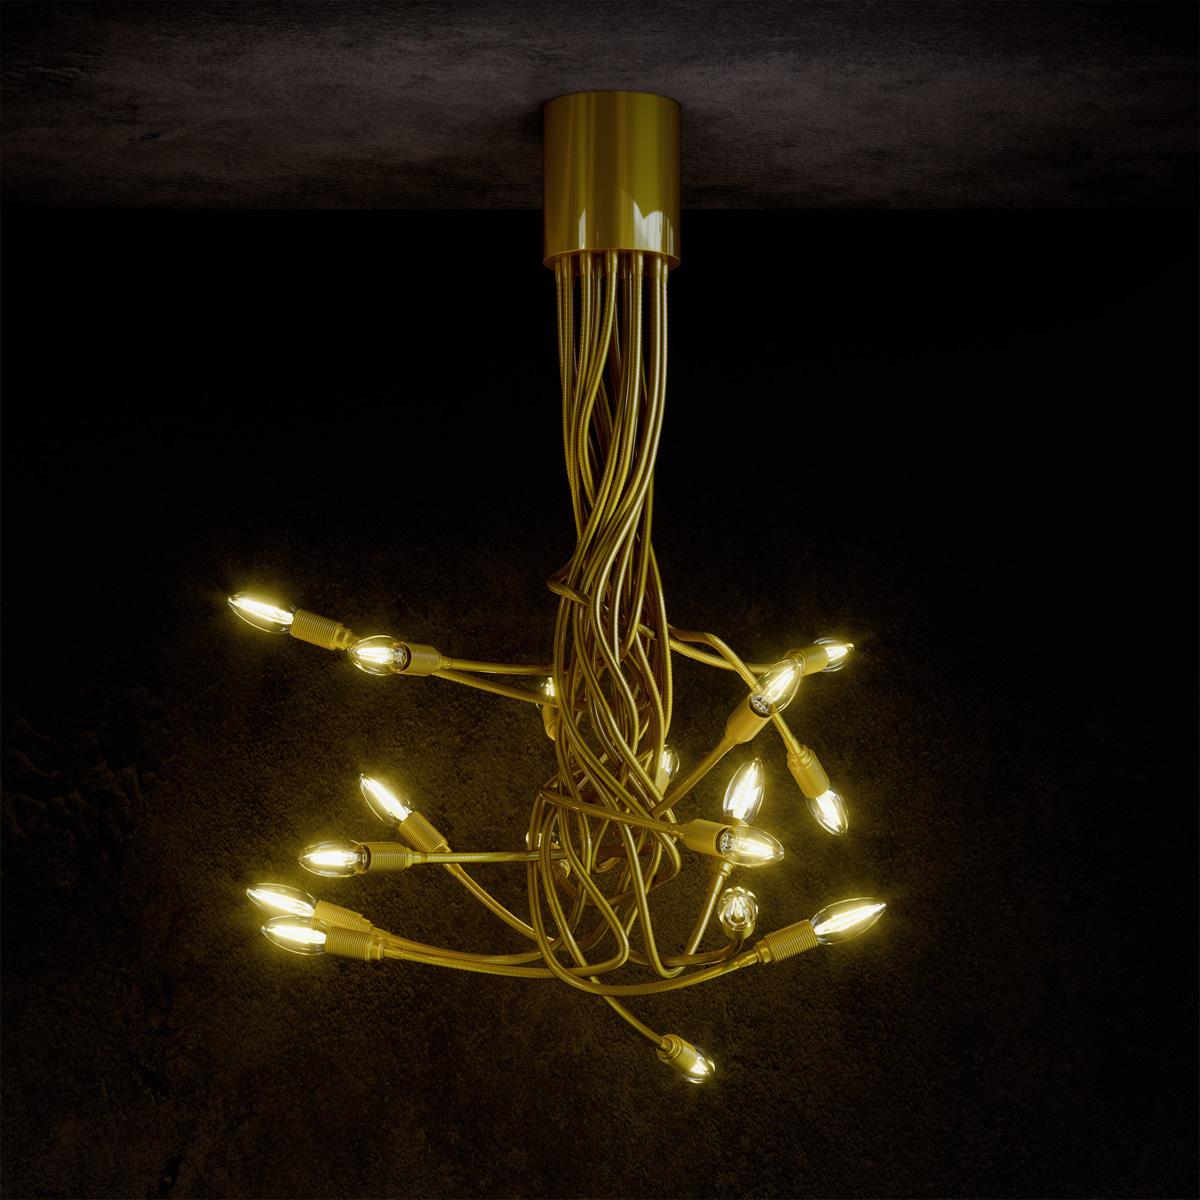 Φωτιστικό με εύκαμπτους βραχίονες ΜΕΔΟΥΣΑ light fixture with flexible arms